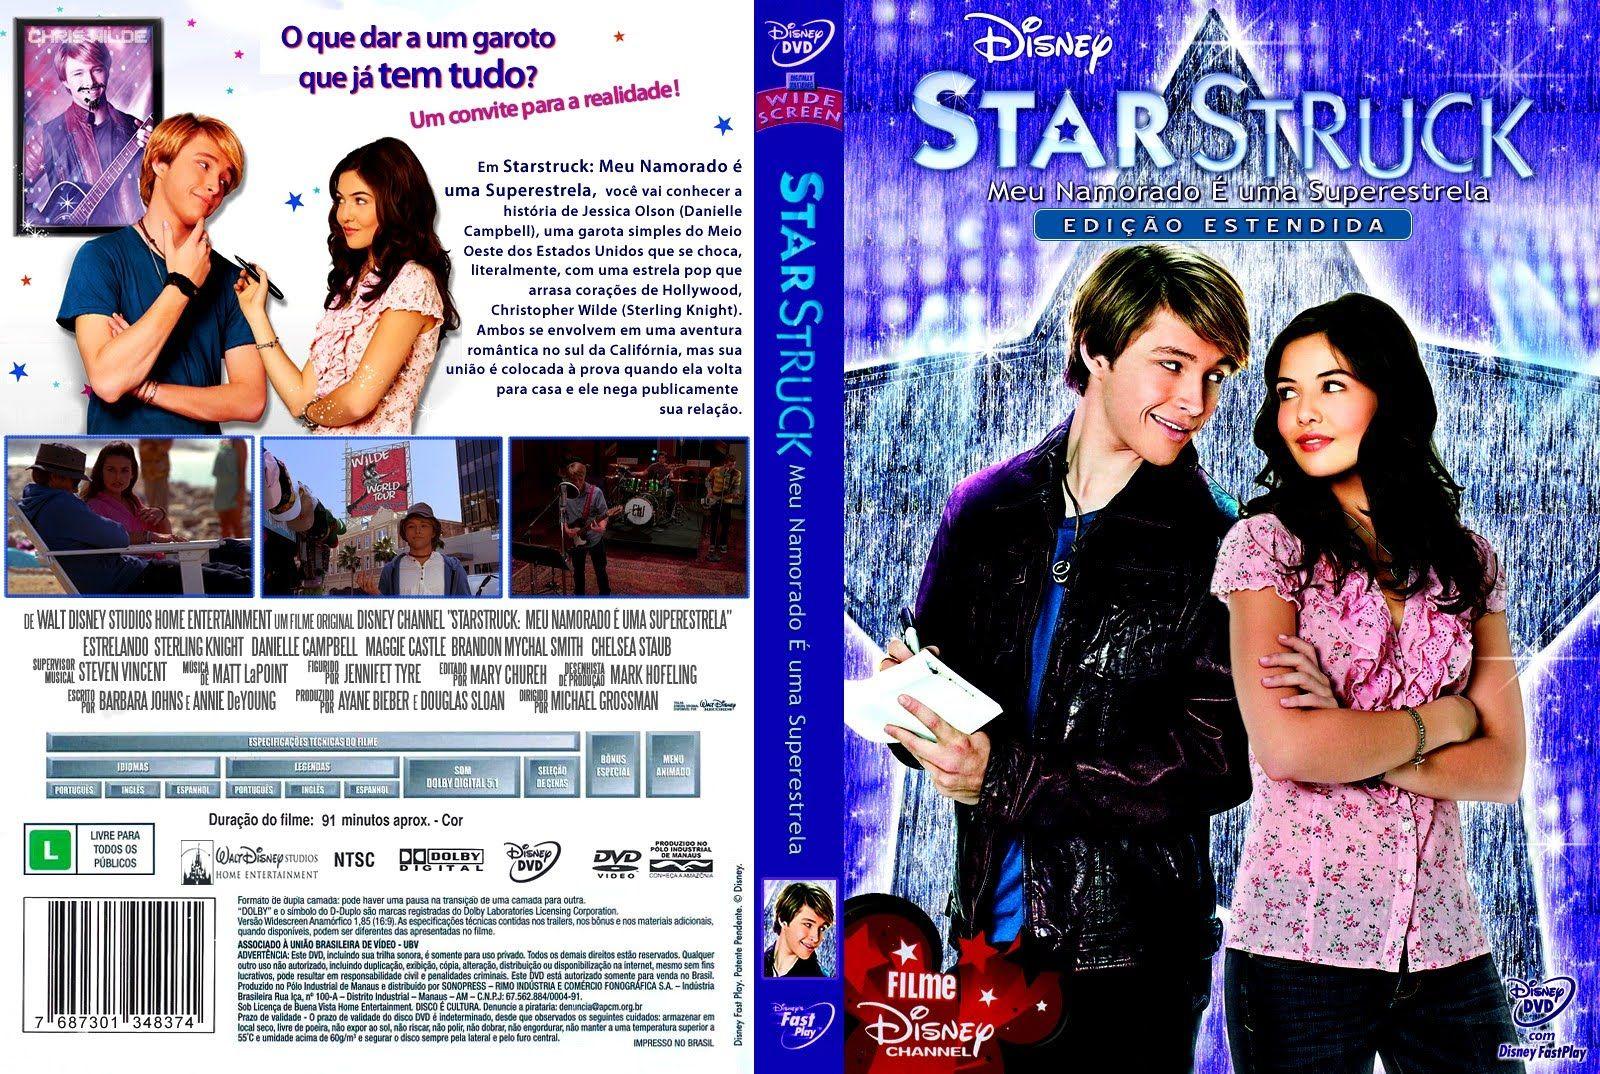 Disney Starstruck | Super Disney: Capa do Dvd de StarStruck